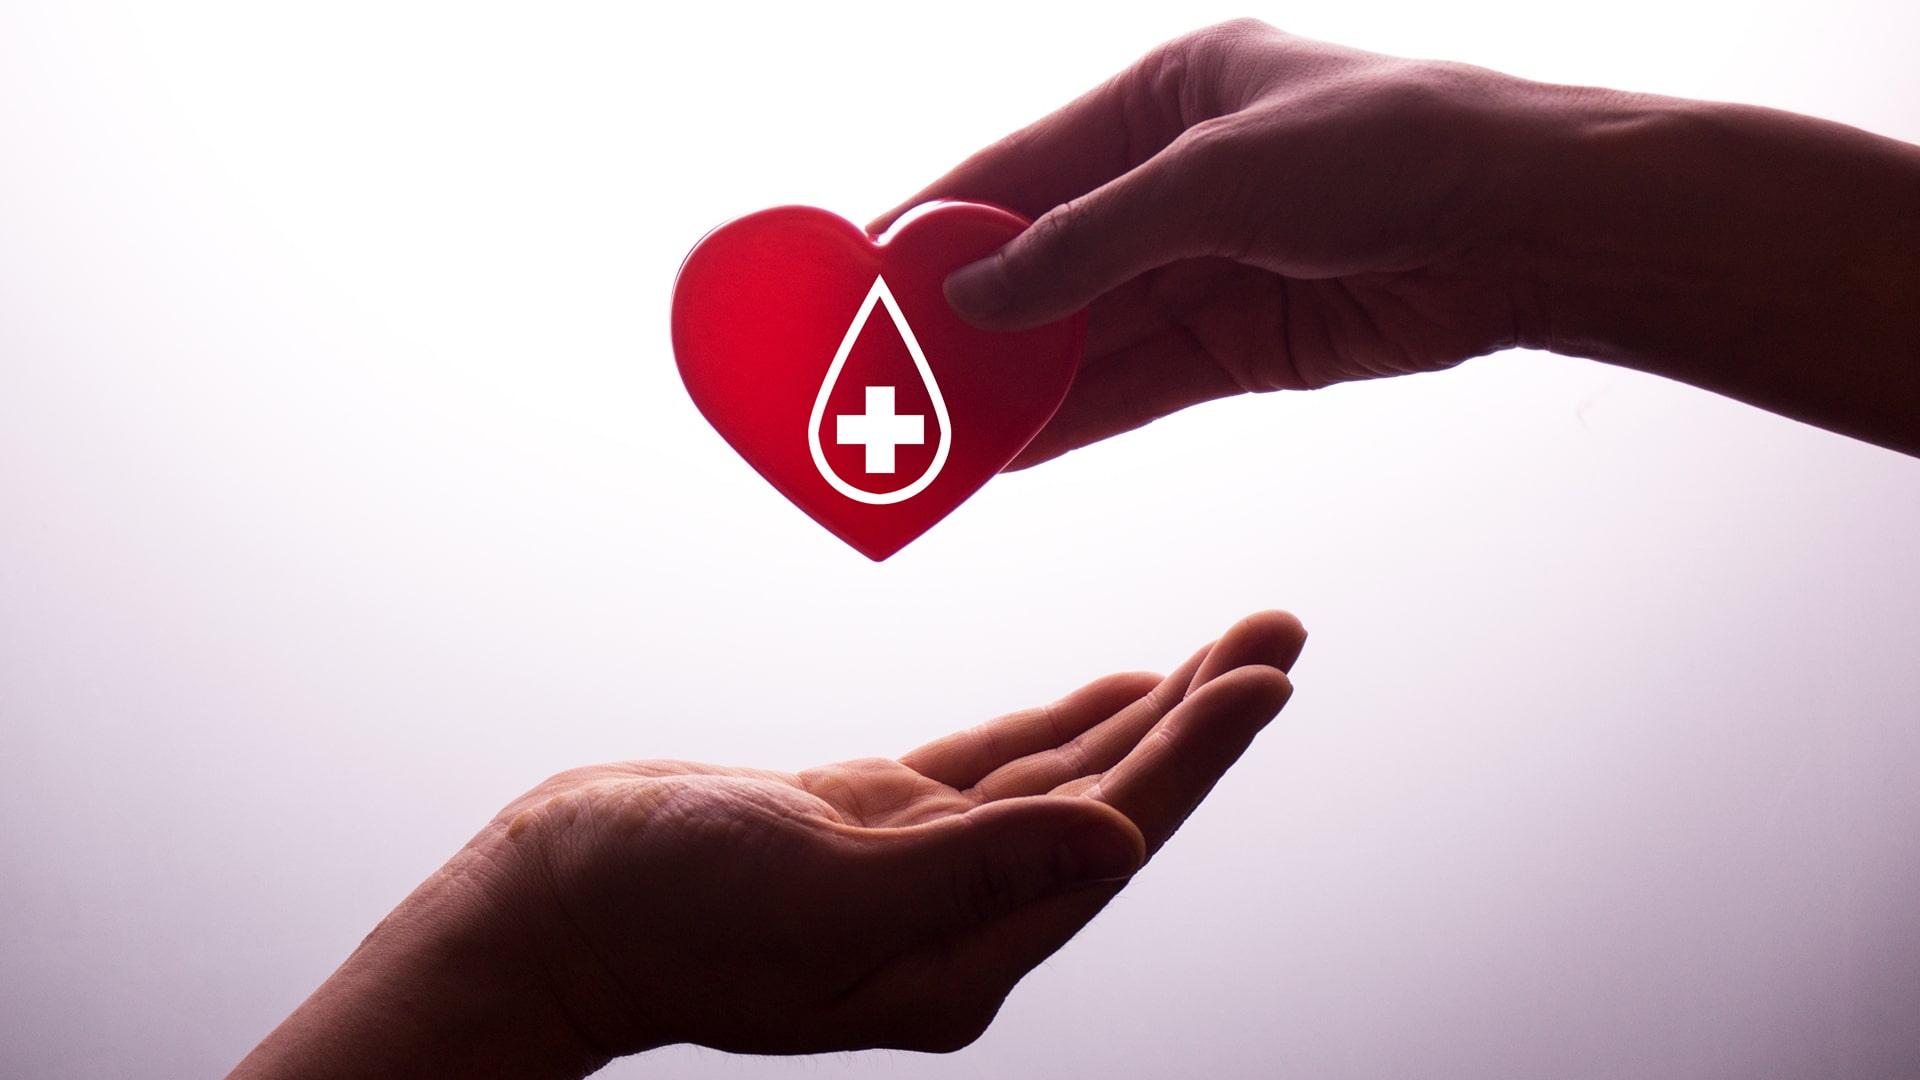 Cuántos litros de sangre tiene el cuerpo humano